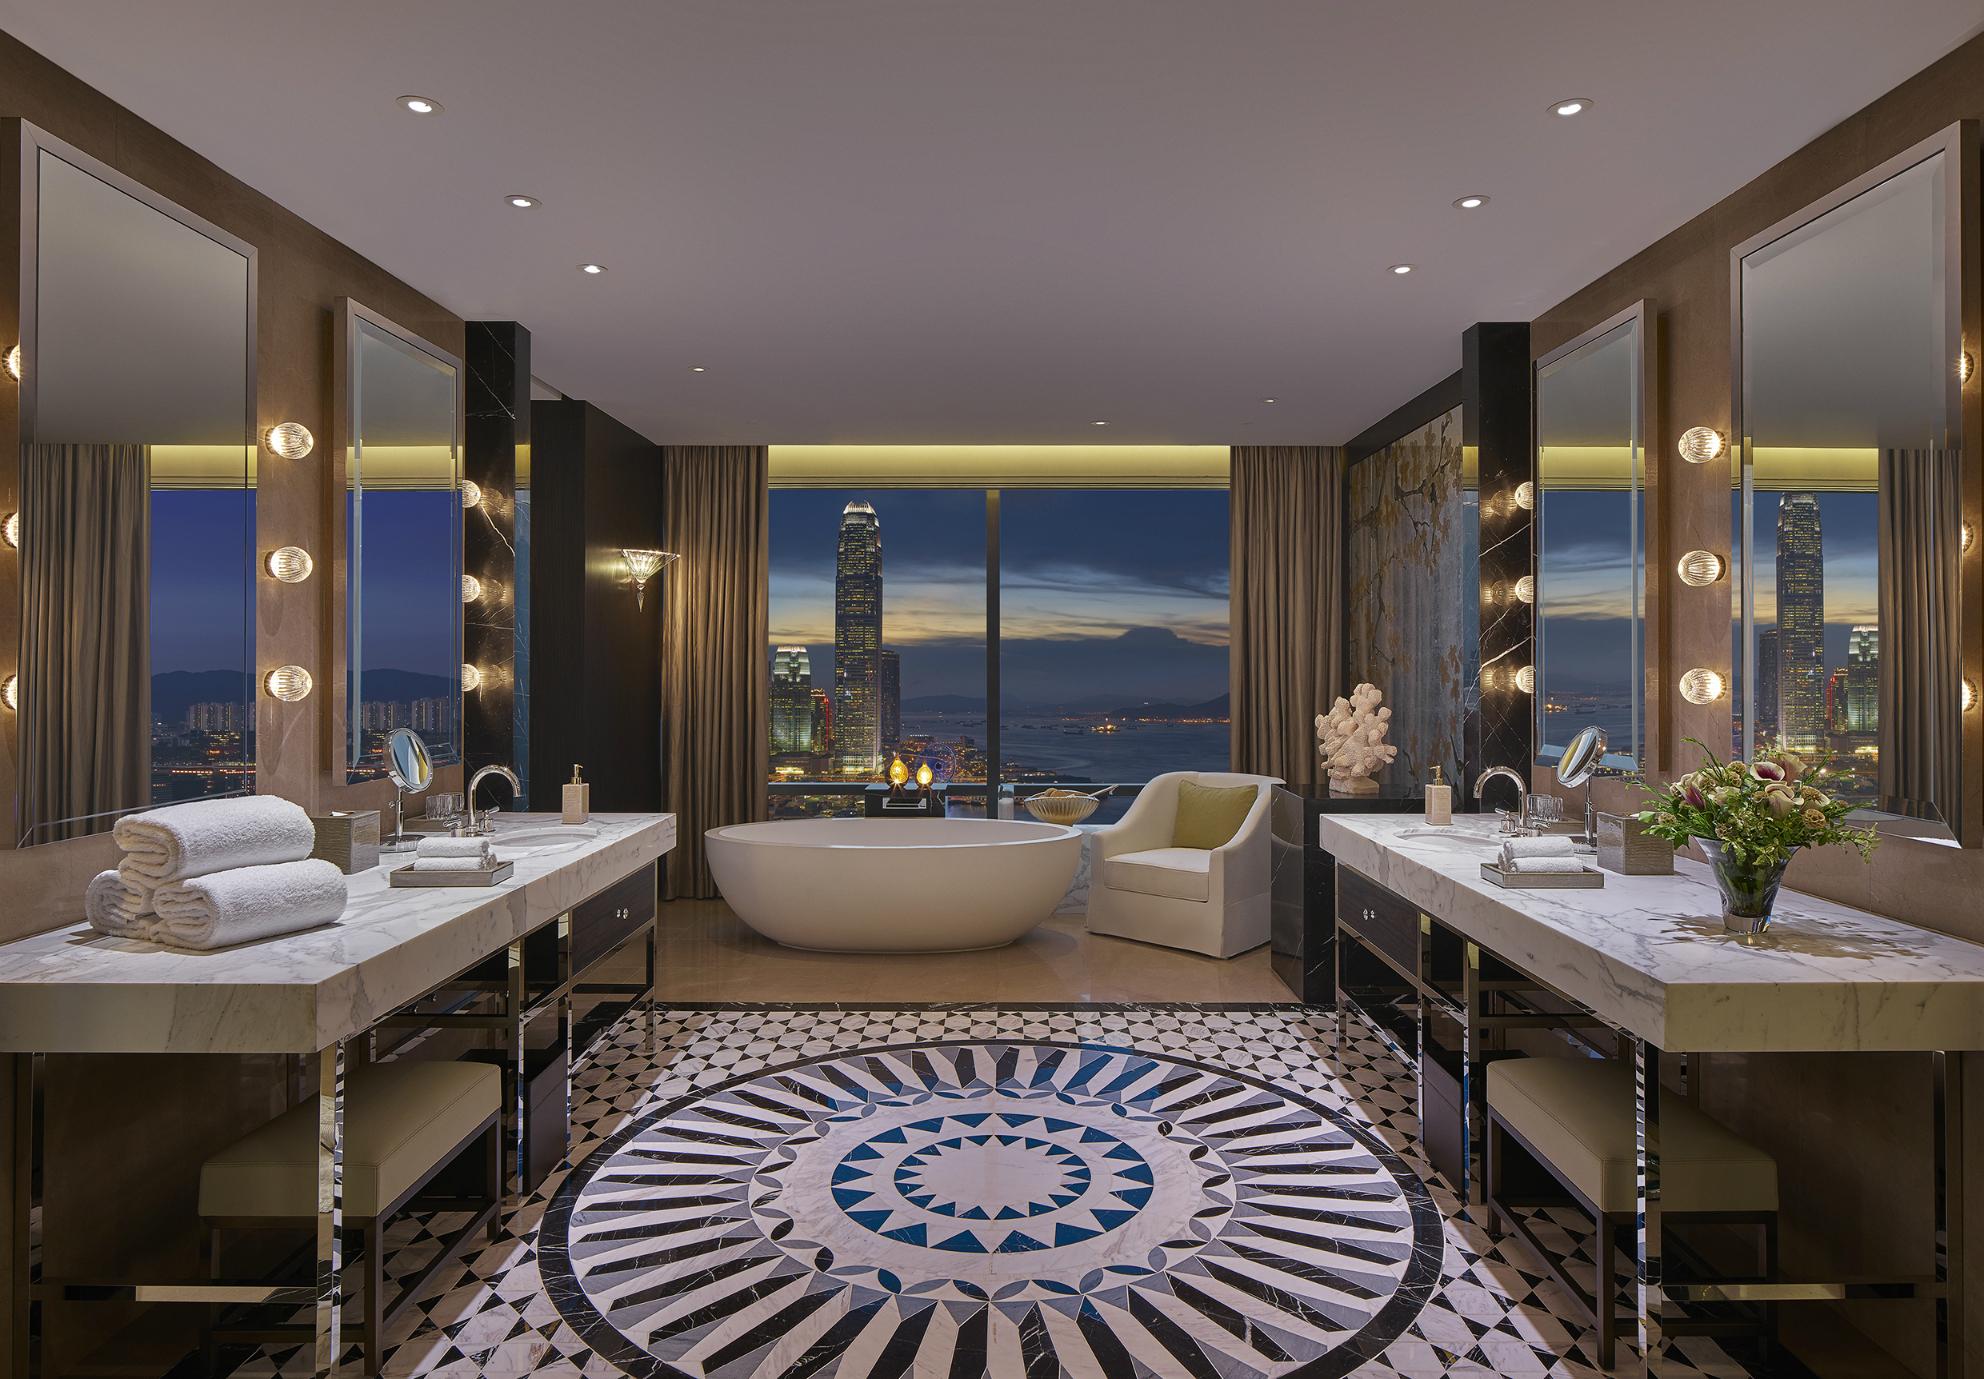 Grand-Hyatt-Hong-Kong-Presidential-Suite-Bathroom-3608 2mb[1].jpg